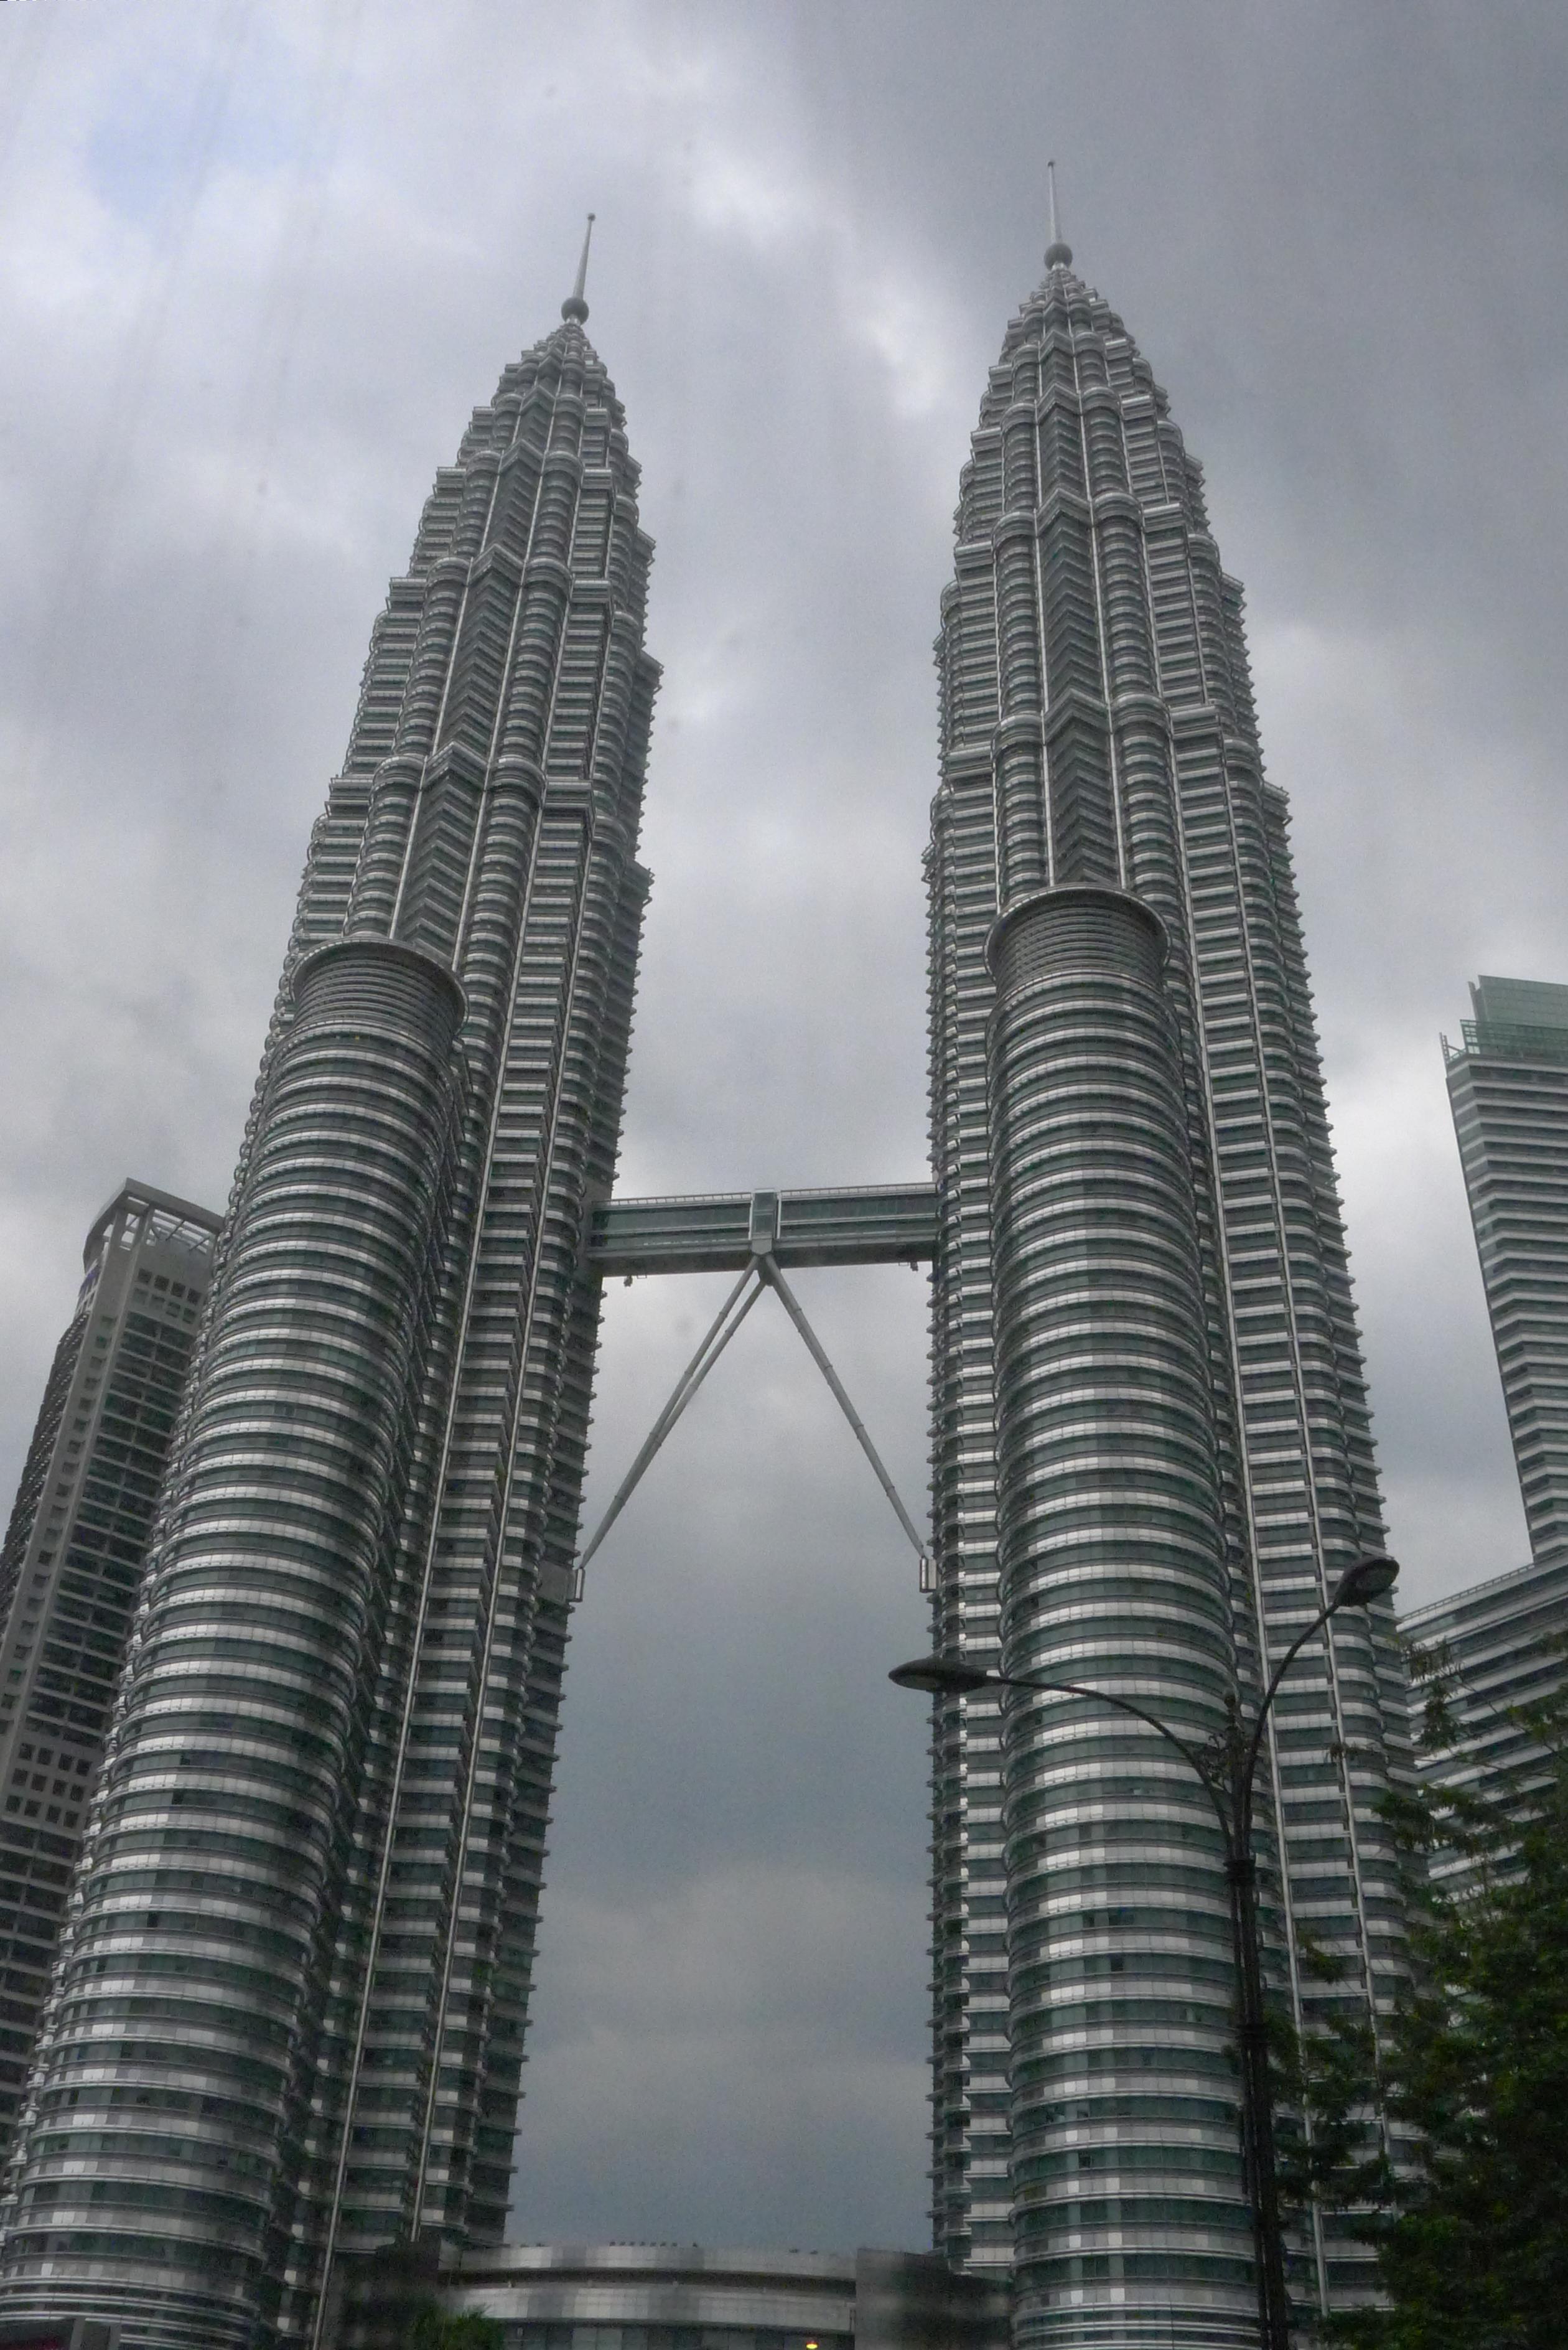 曼谷到马来西亚的飞机